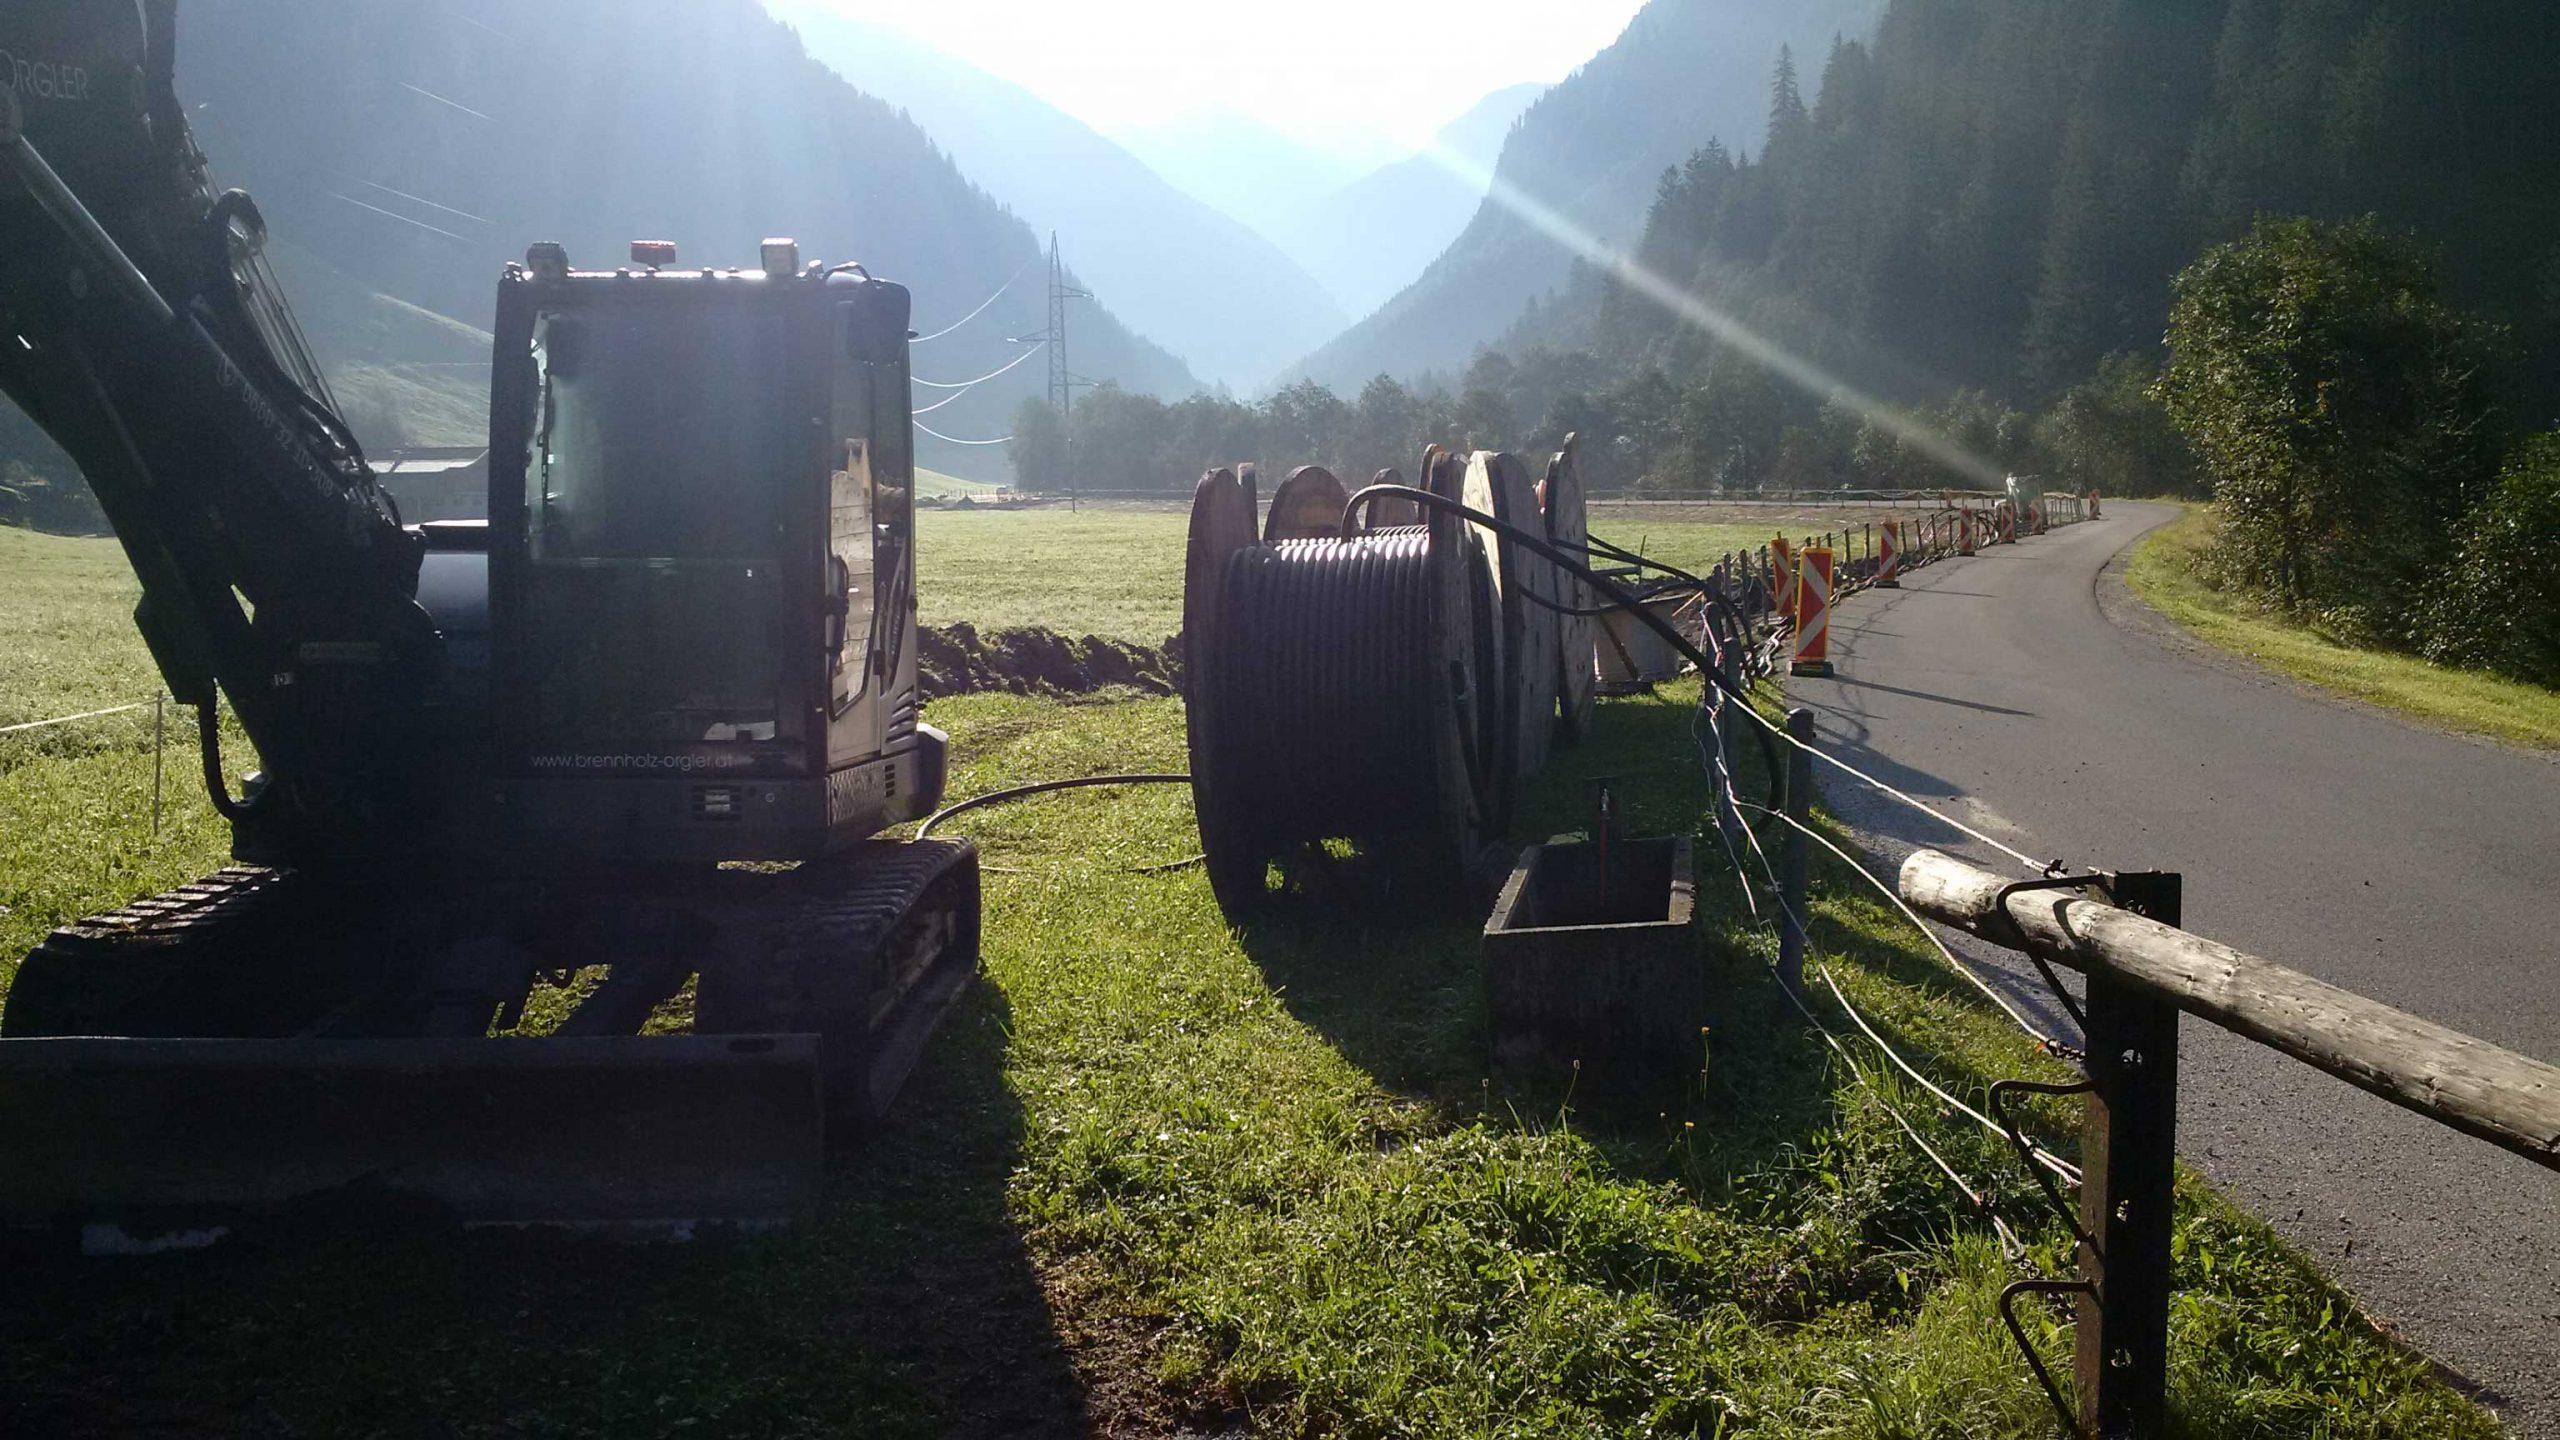 Kraftwerk Mayrhofen bis Kraftwerk Häusling - Erneuerung 25 kV Kabelverbindung